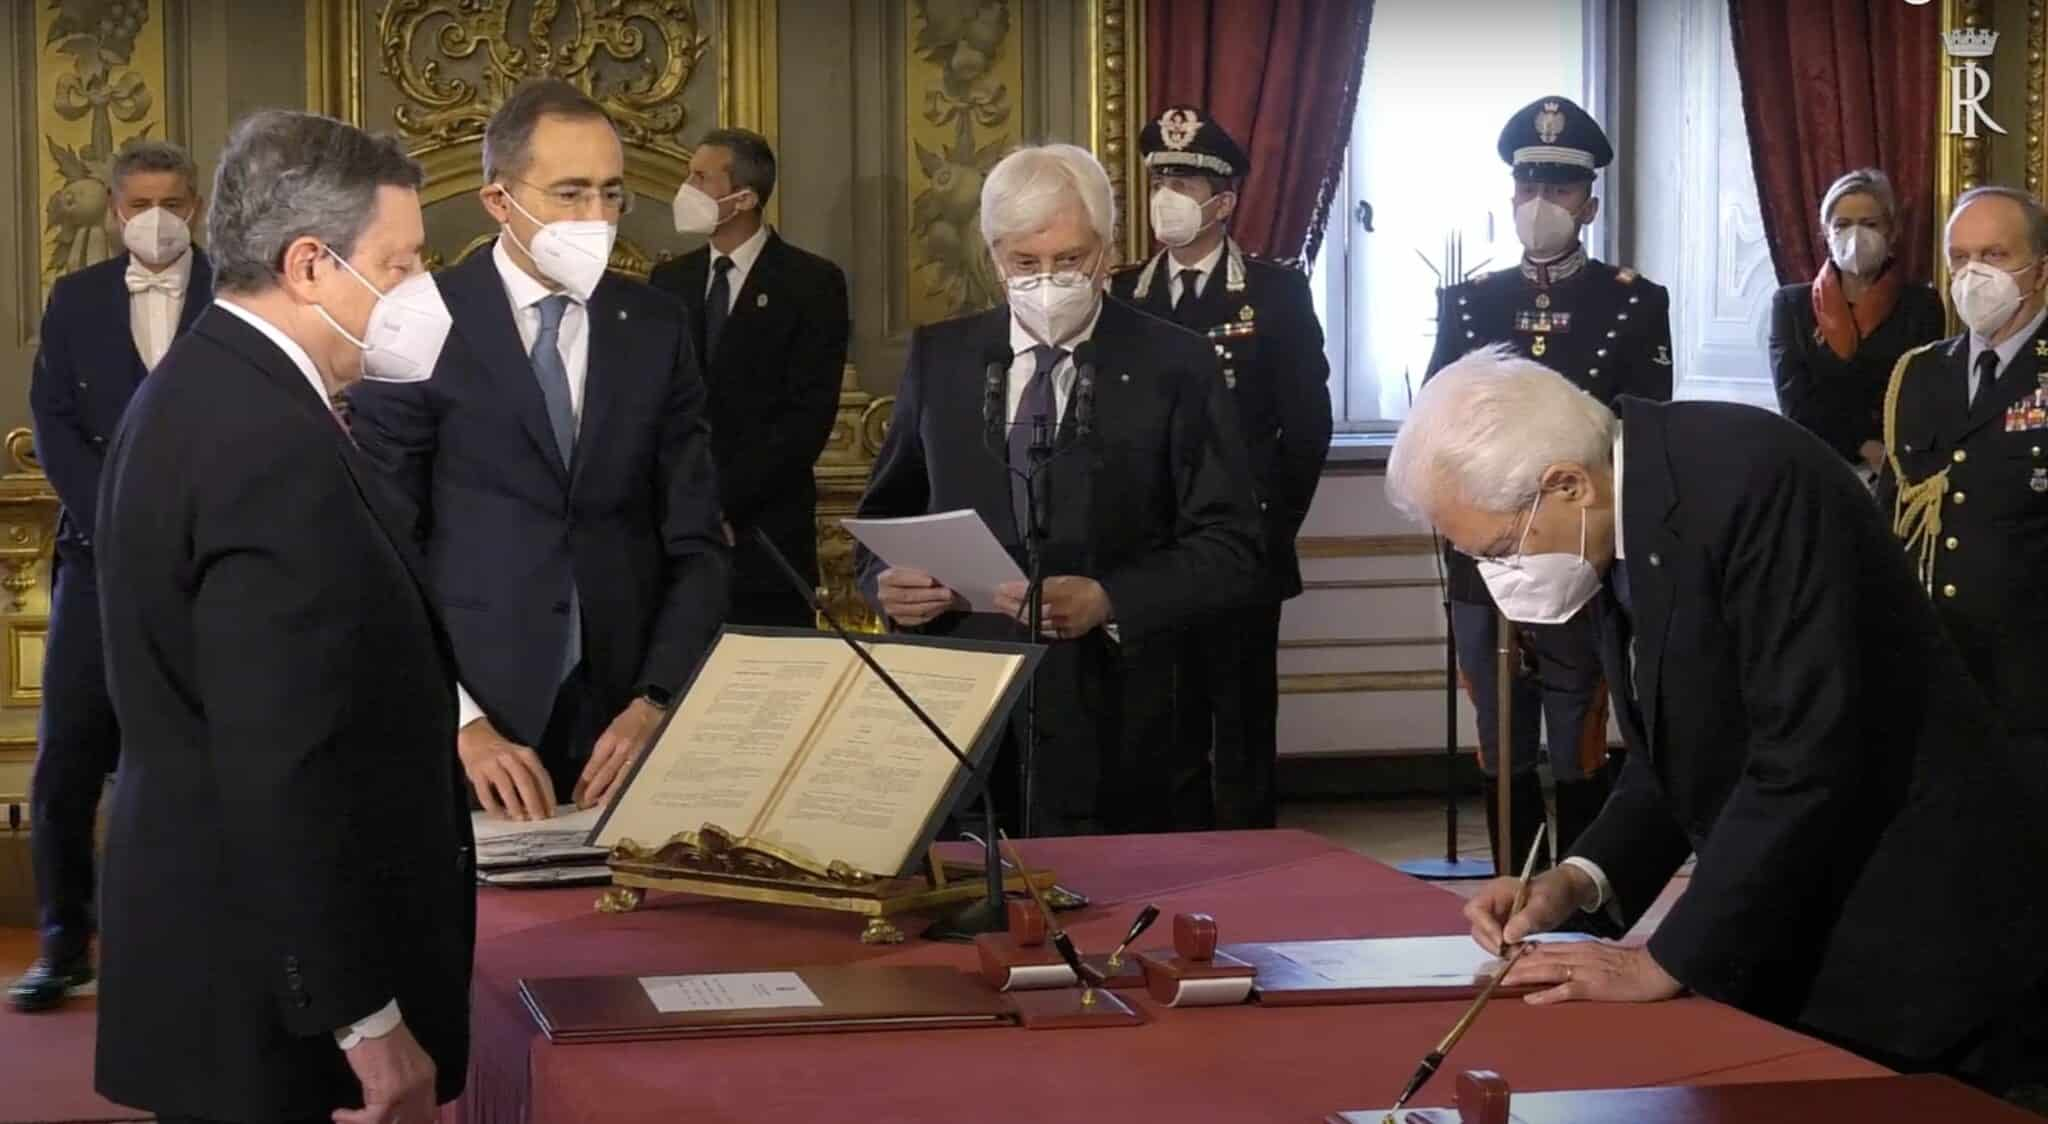 Tutti i ministri hanno giurato,governo operativo - Primopiano